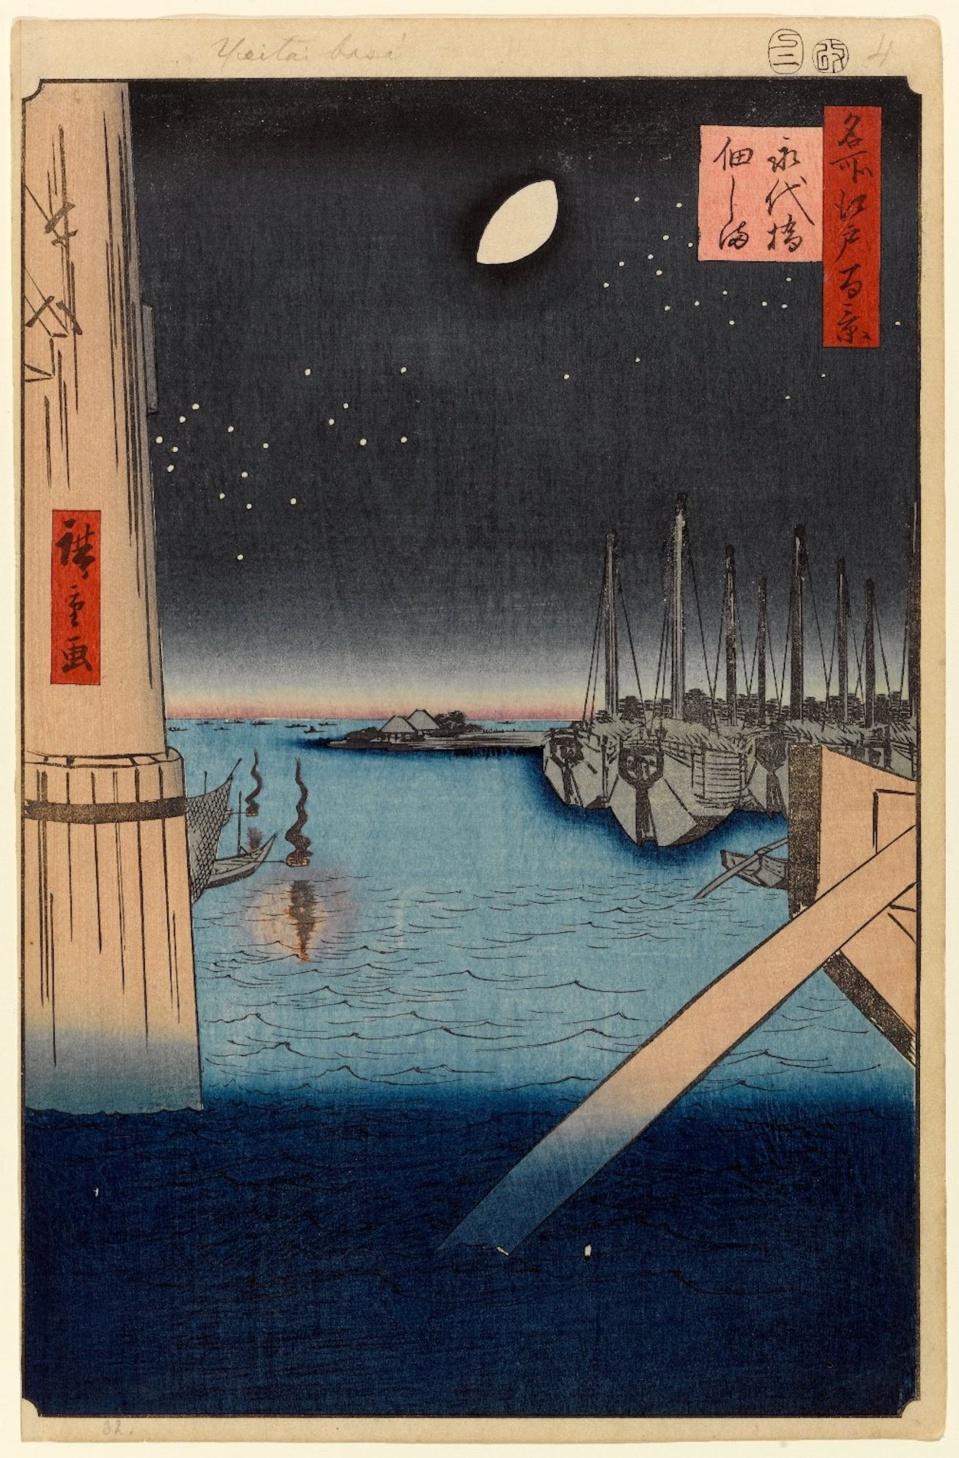 Hiroshige Tsukudajima depuis le pont de Eitai, No. 4